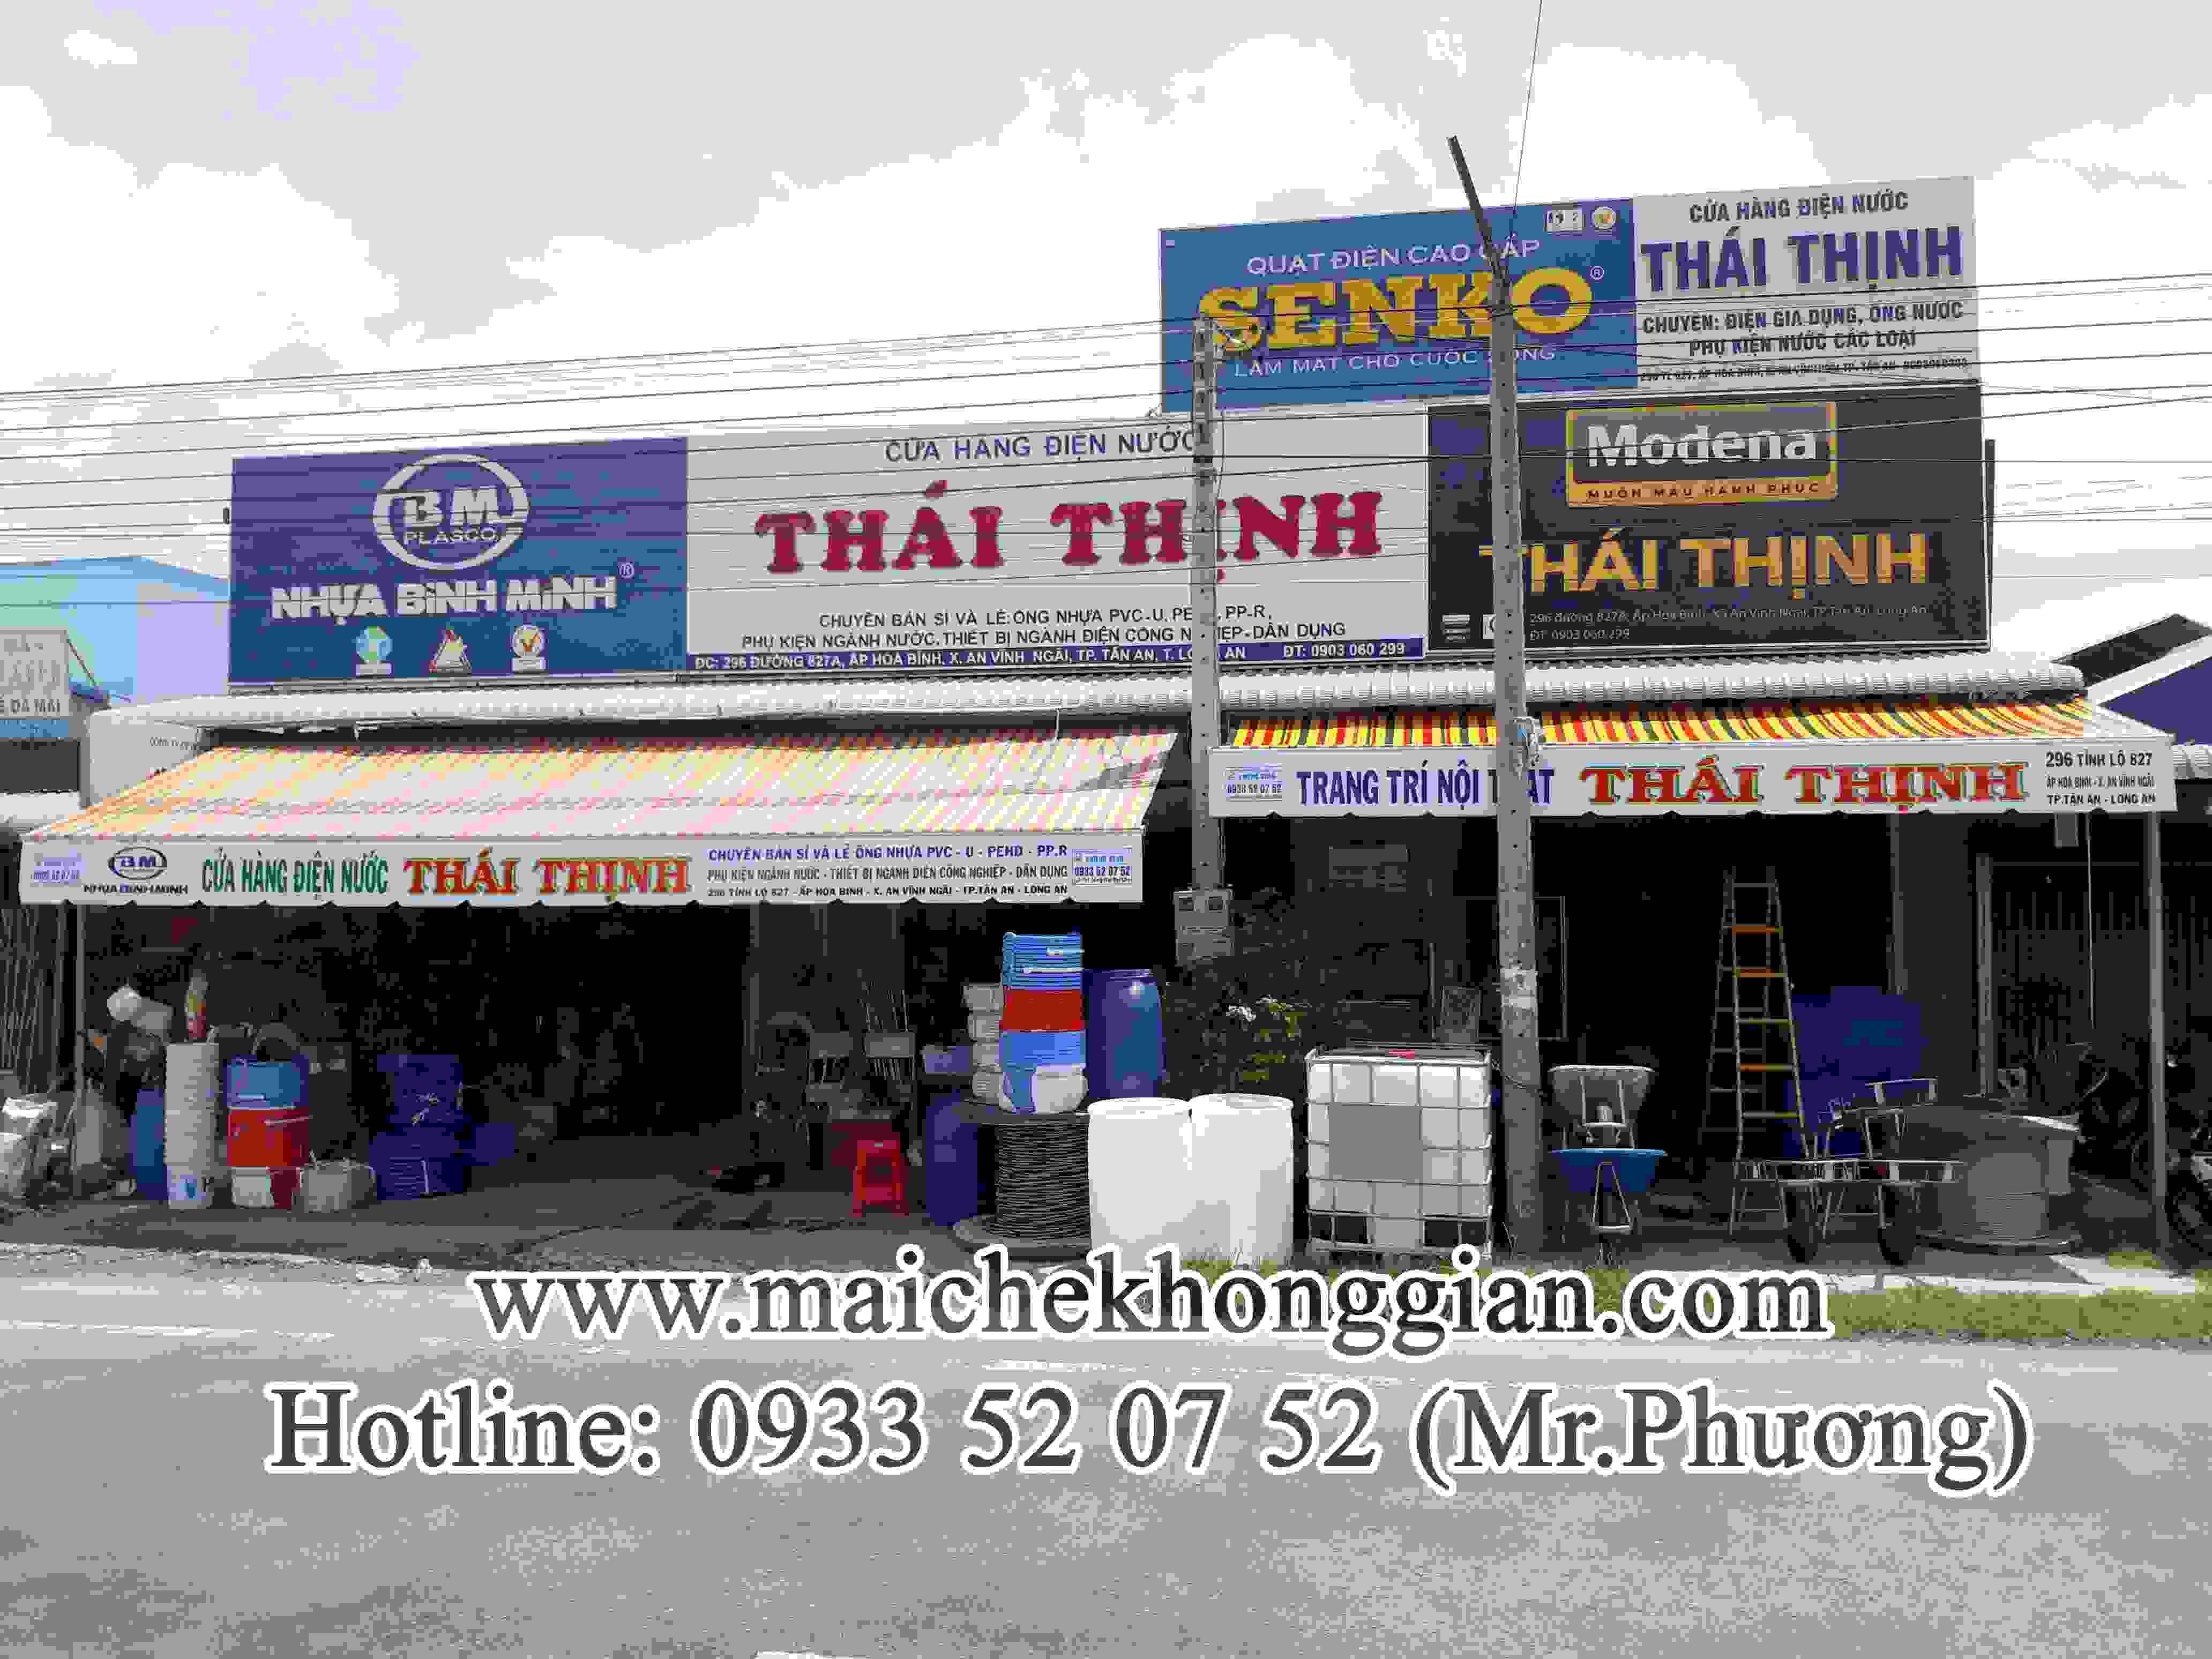 Mái Hiên Quảng Cáo Cửa Hàng Huyện Châu Thành A Hậu Giang